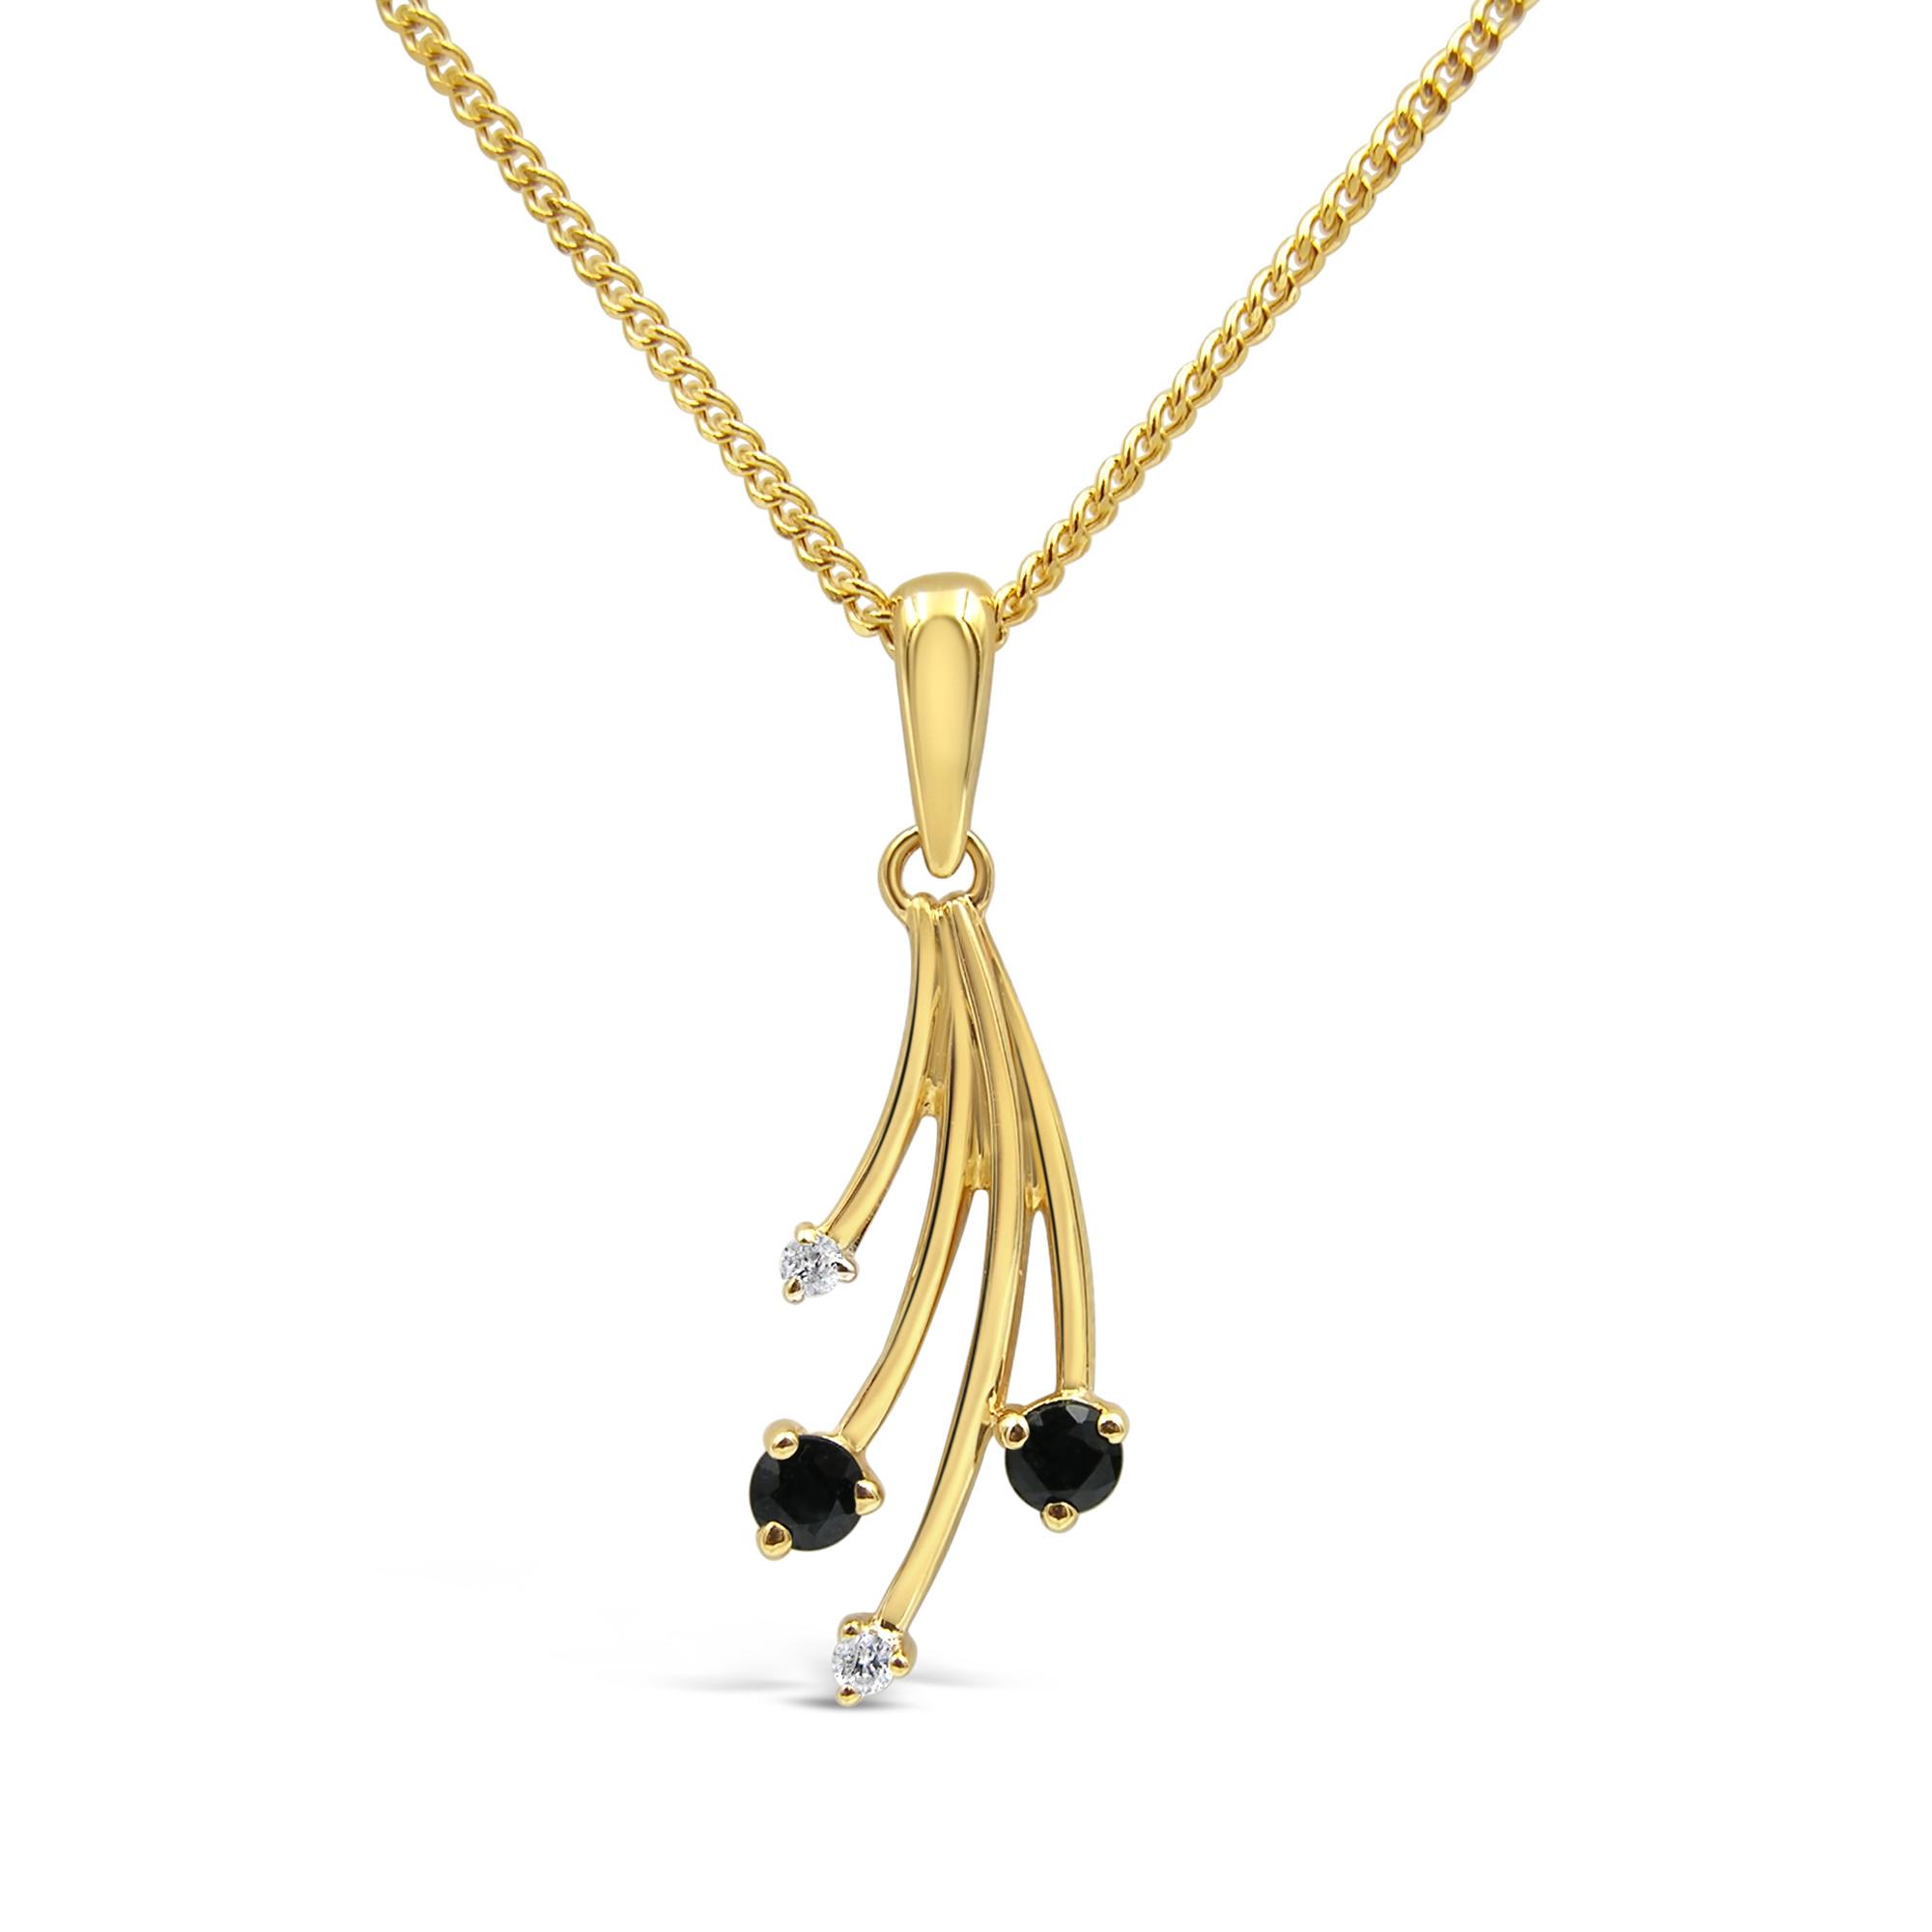 18 karaat geel goud hanger met 0.02 ct diamanten & 0.10 ct safier